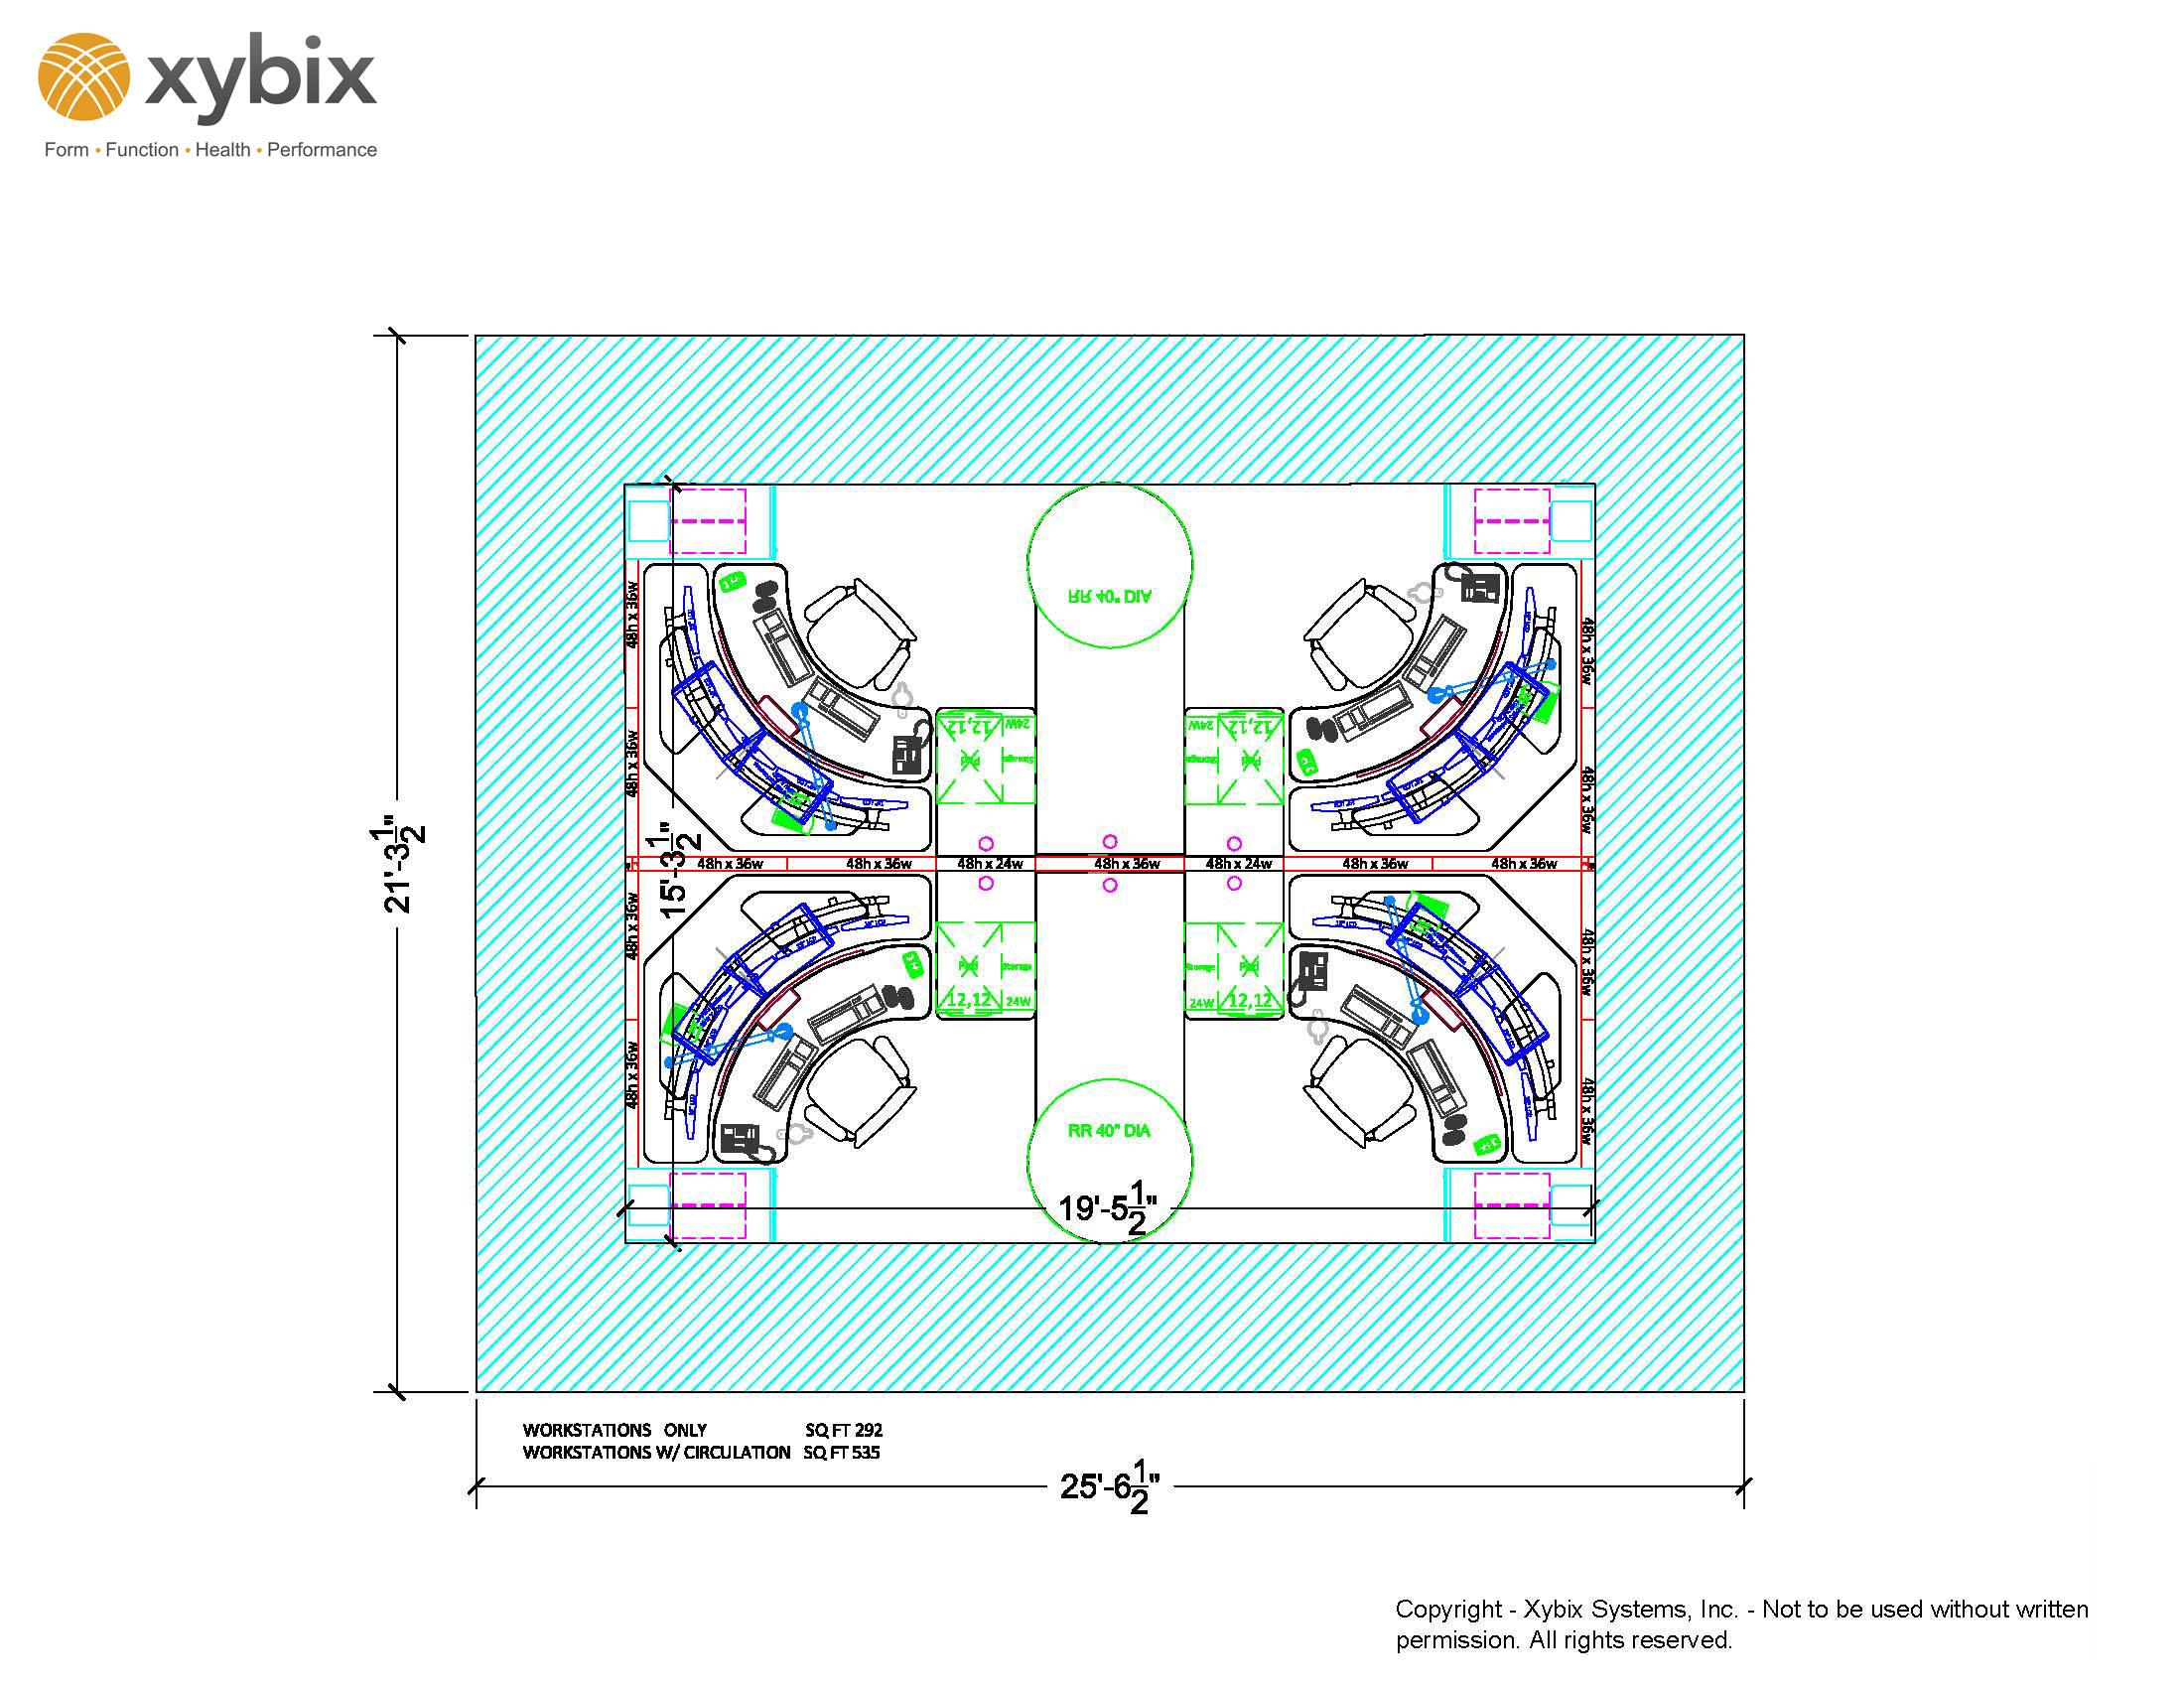 Xybix Typical Layout Ex1